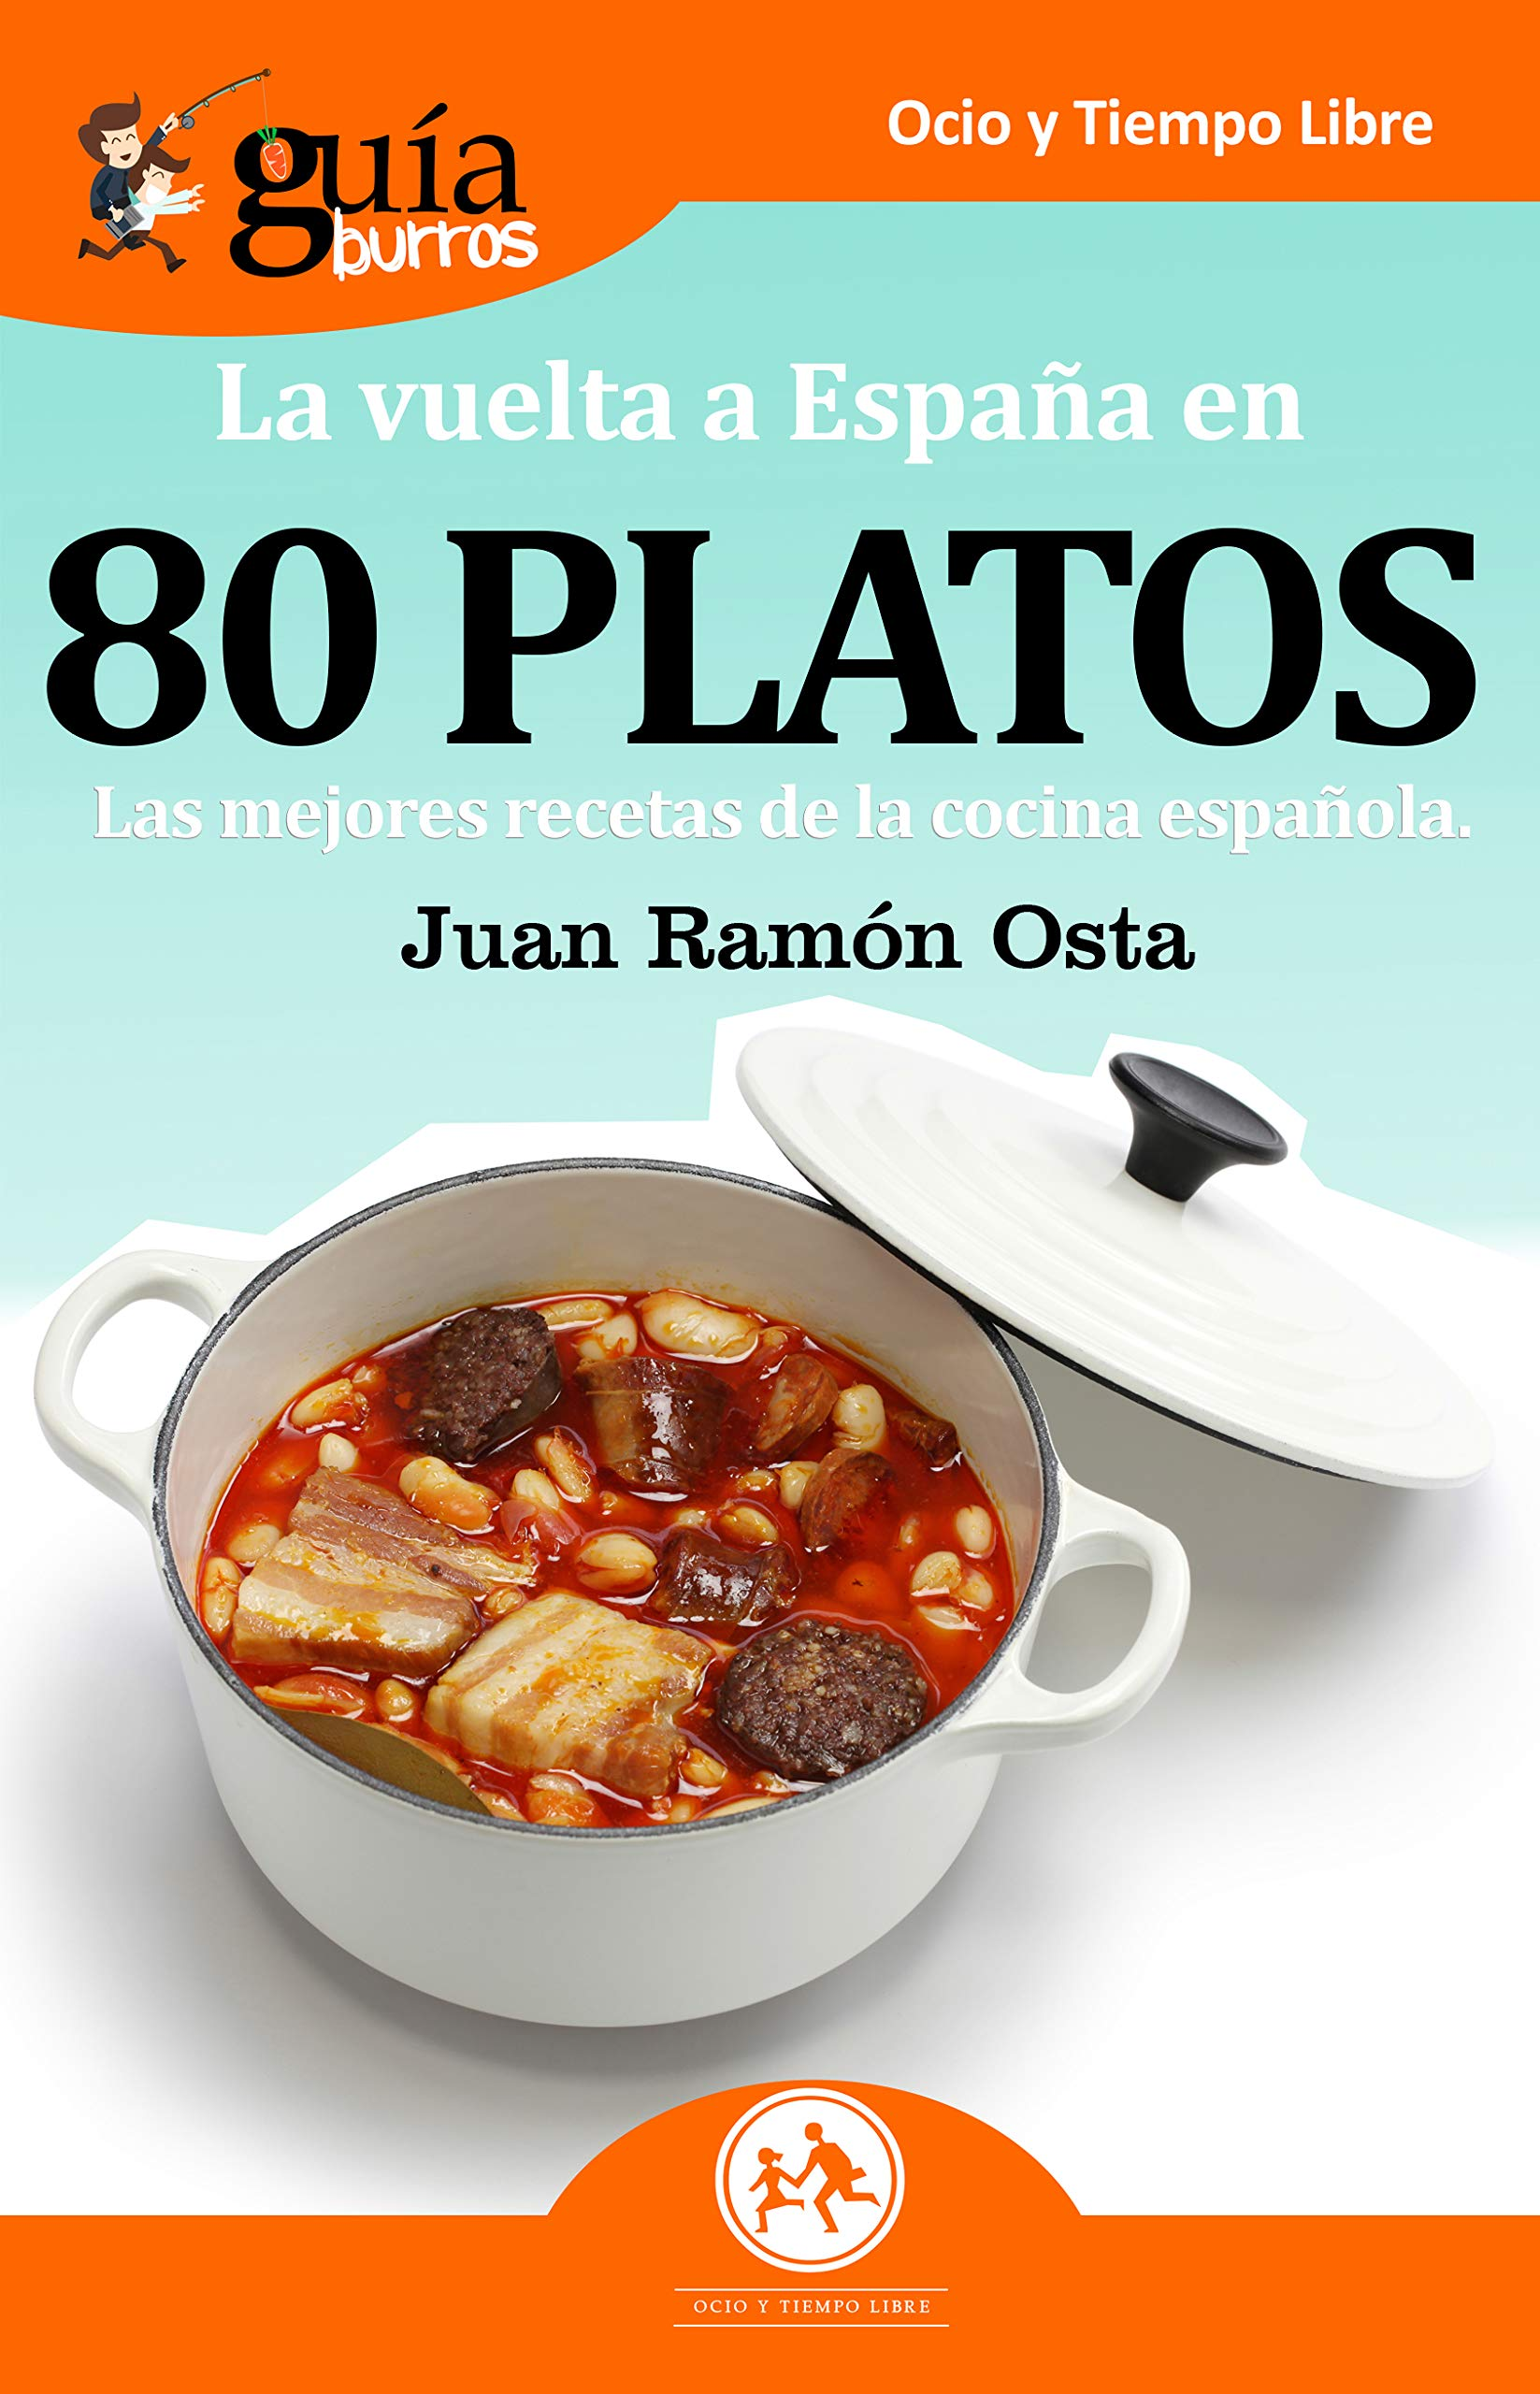 GuíaBurros La vuelta a España en 80 platos: Las mejores recetas de la cocina española: 47: Amazon.es: Osta, Juan Ramón: Libros